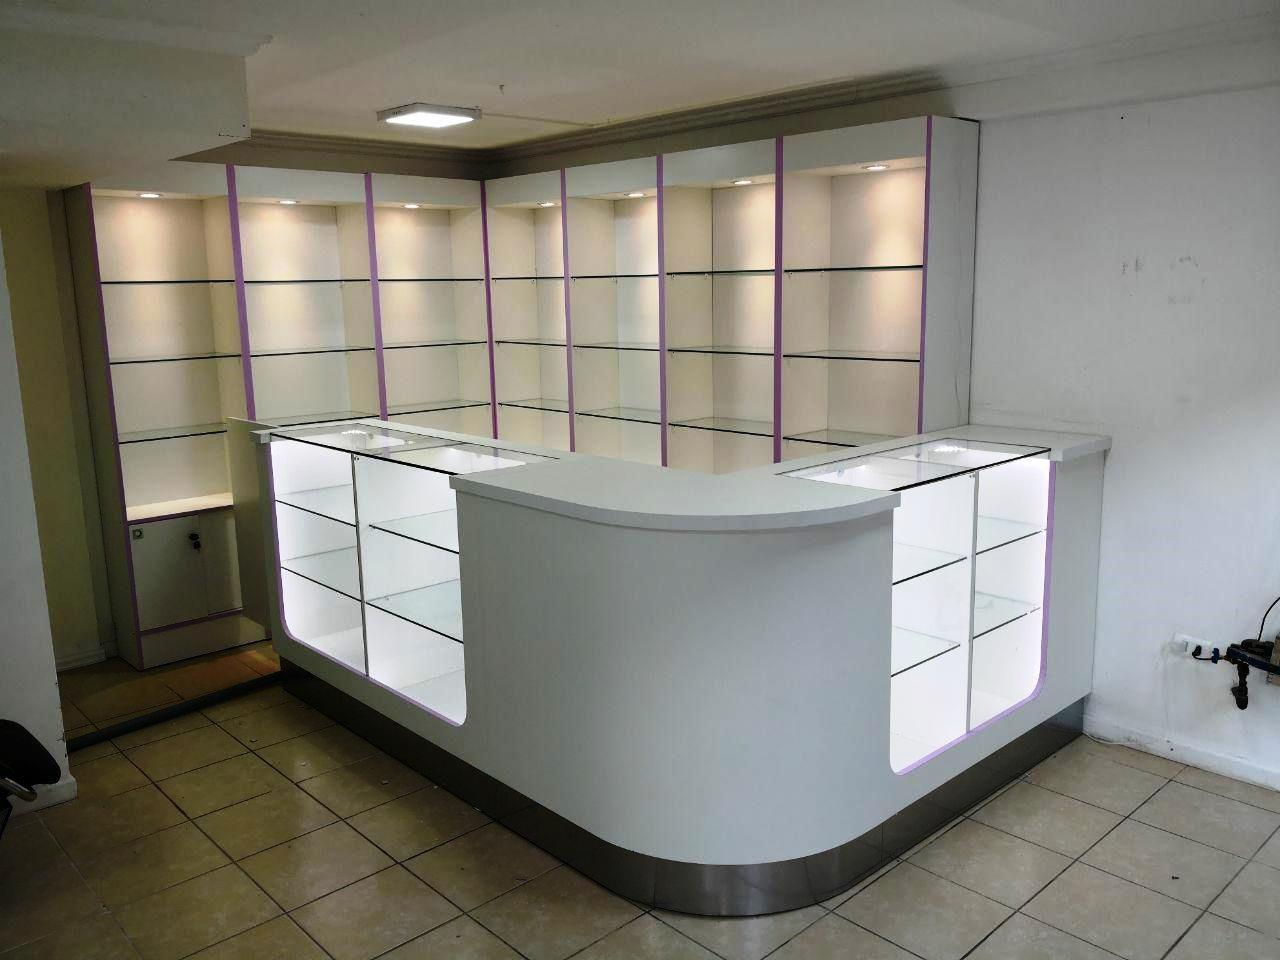 Muebles para locales comerciales chile, muebles para locales ...